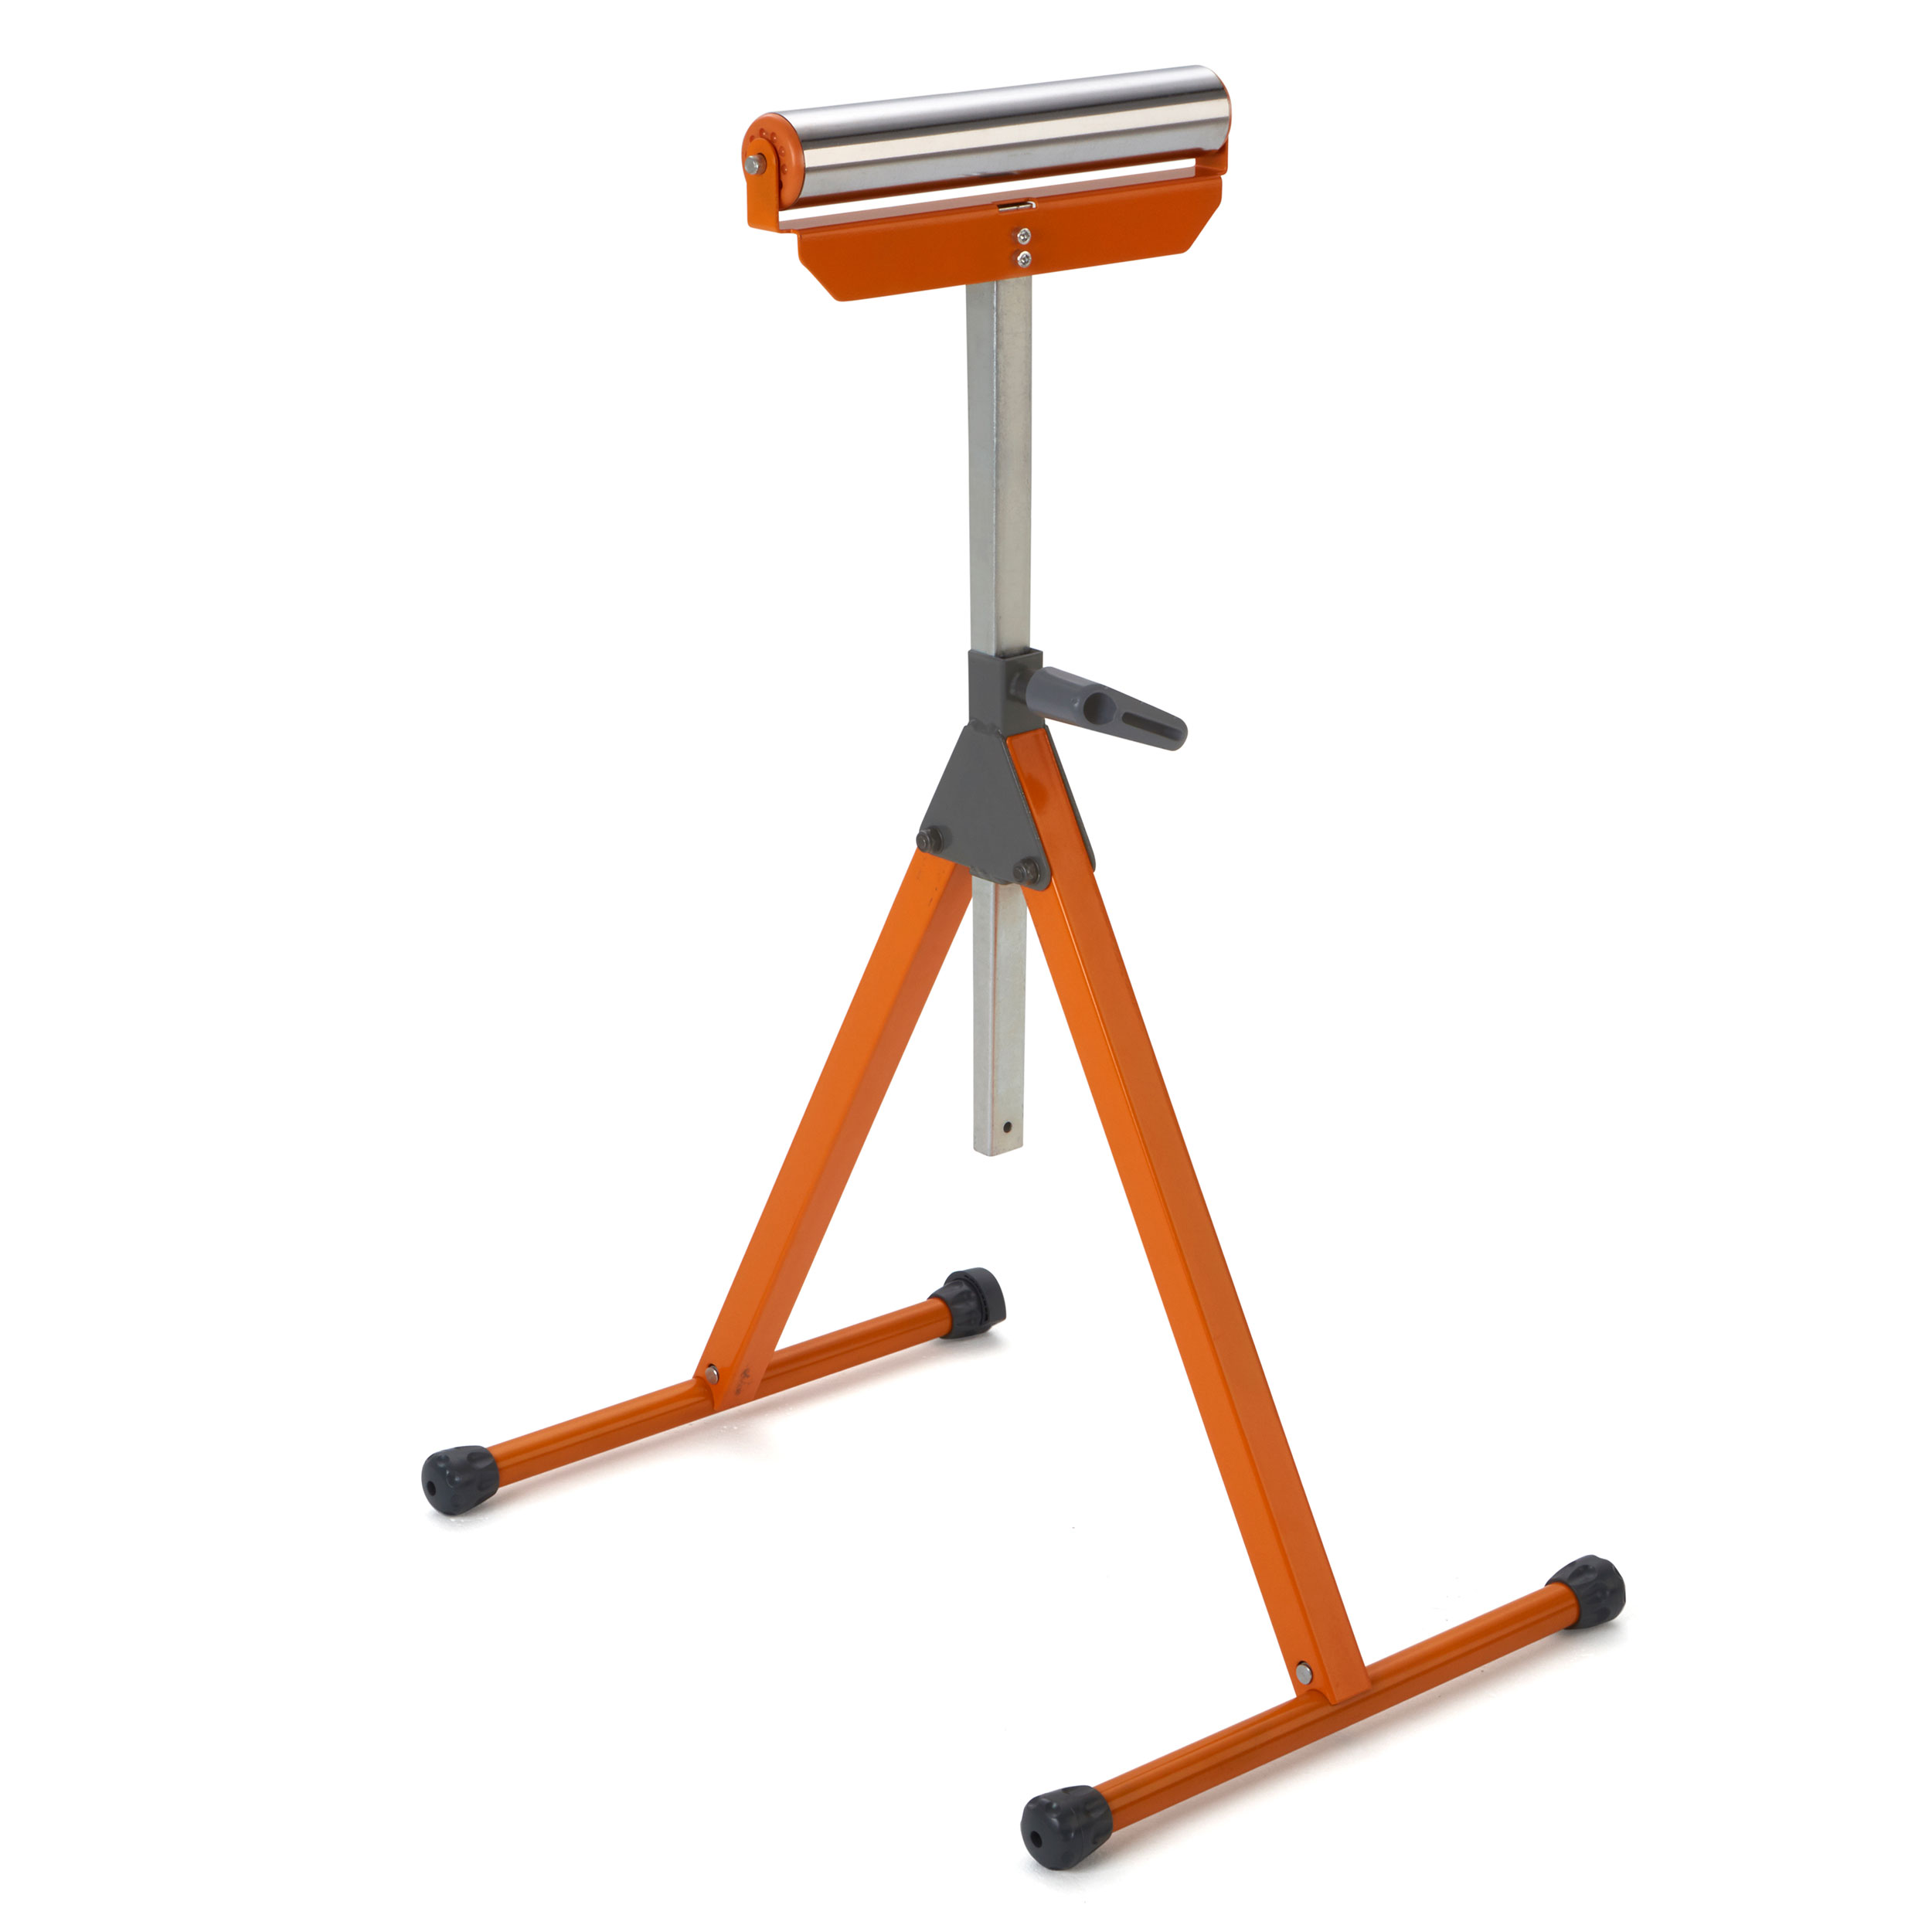 PORTAMATE A-Frame Pedestal Roller